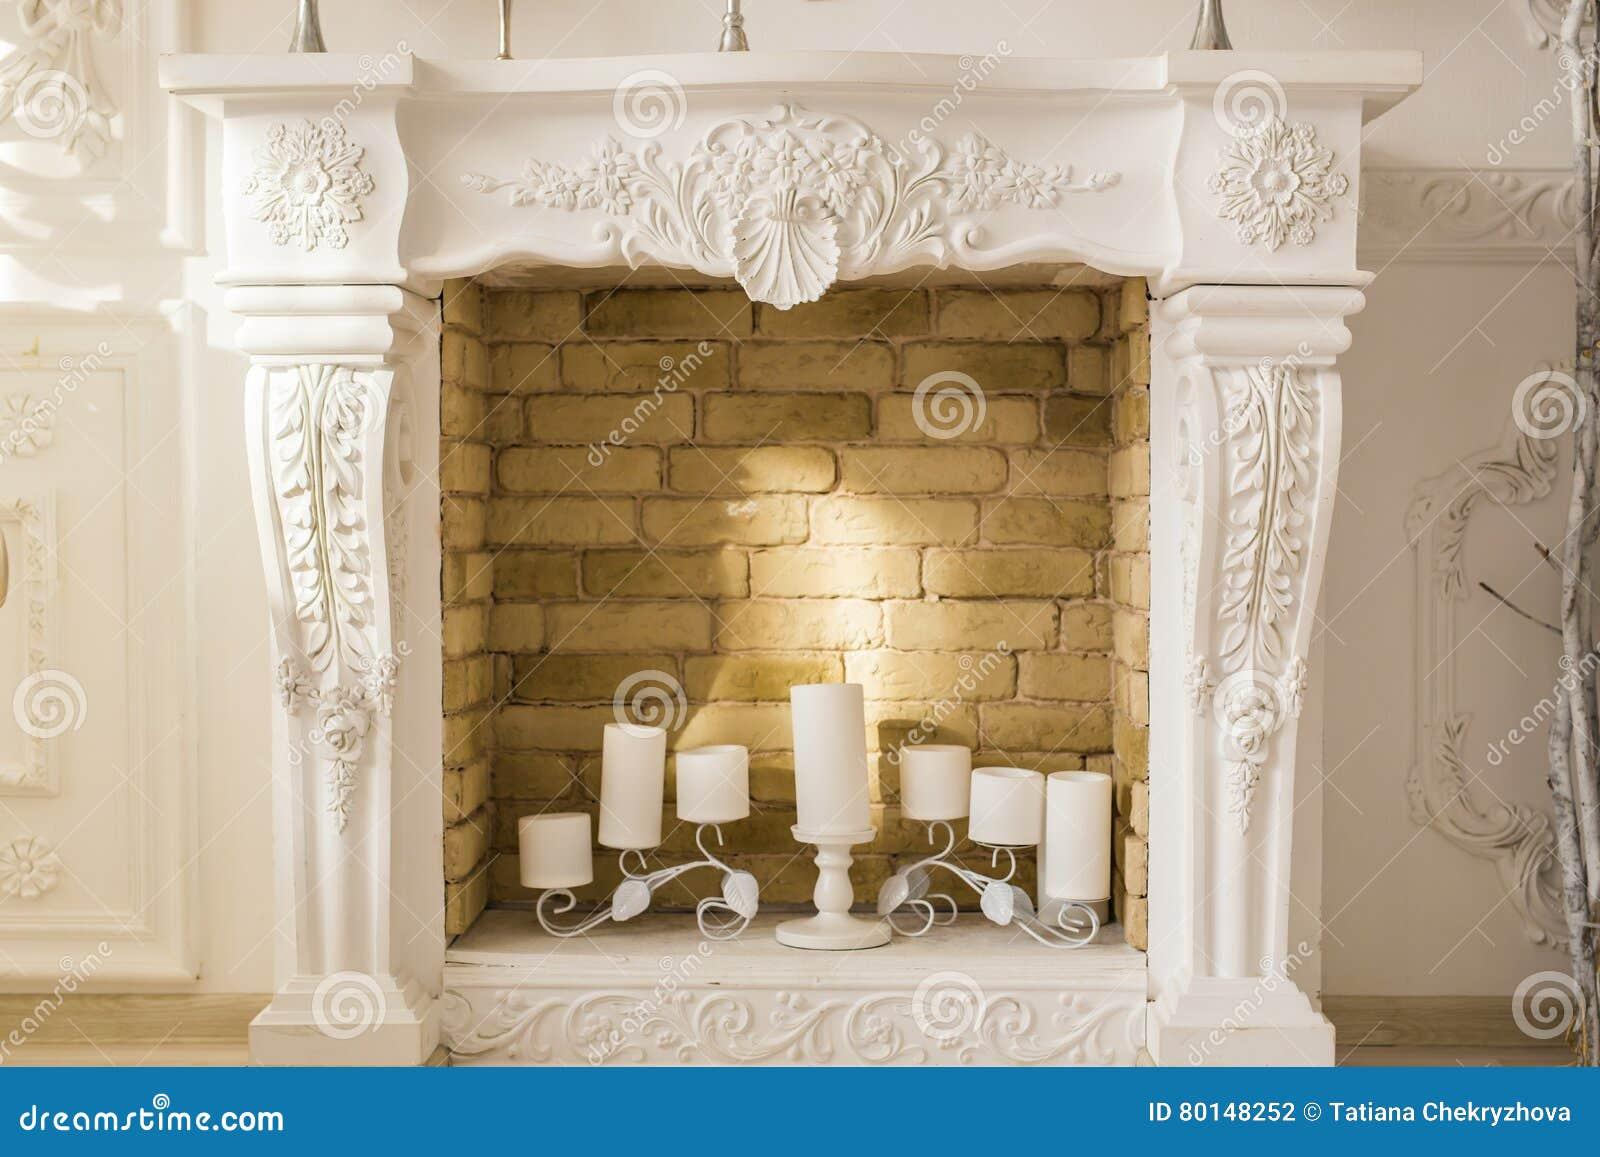 Witte Decoratieve Open Haard Met Kaarsen Stock Foto Image Of Verfraaid Zwart 80148252